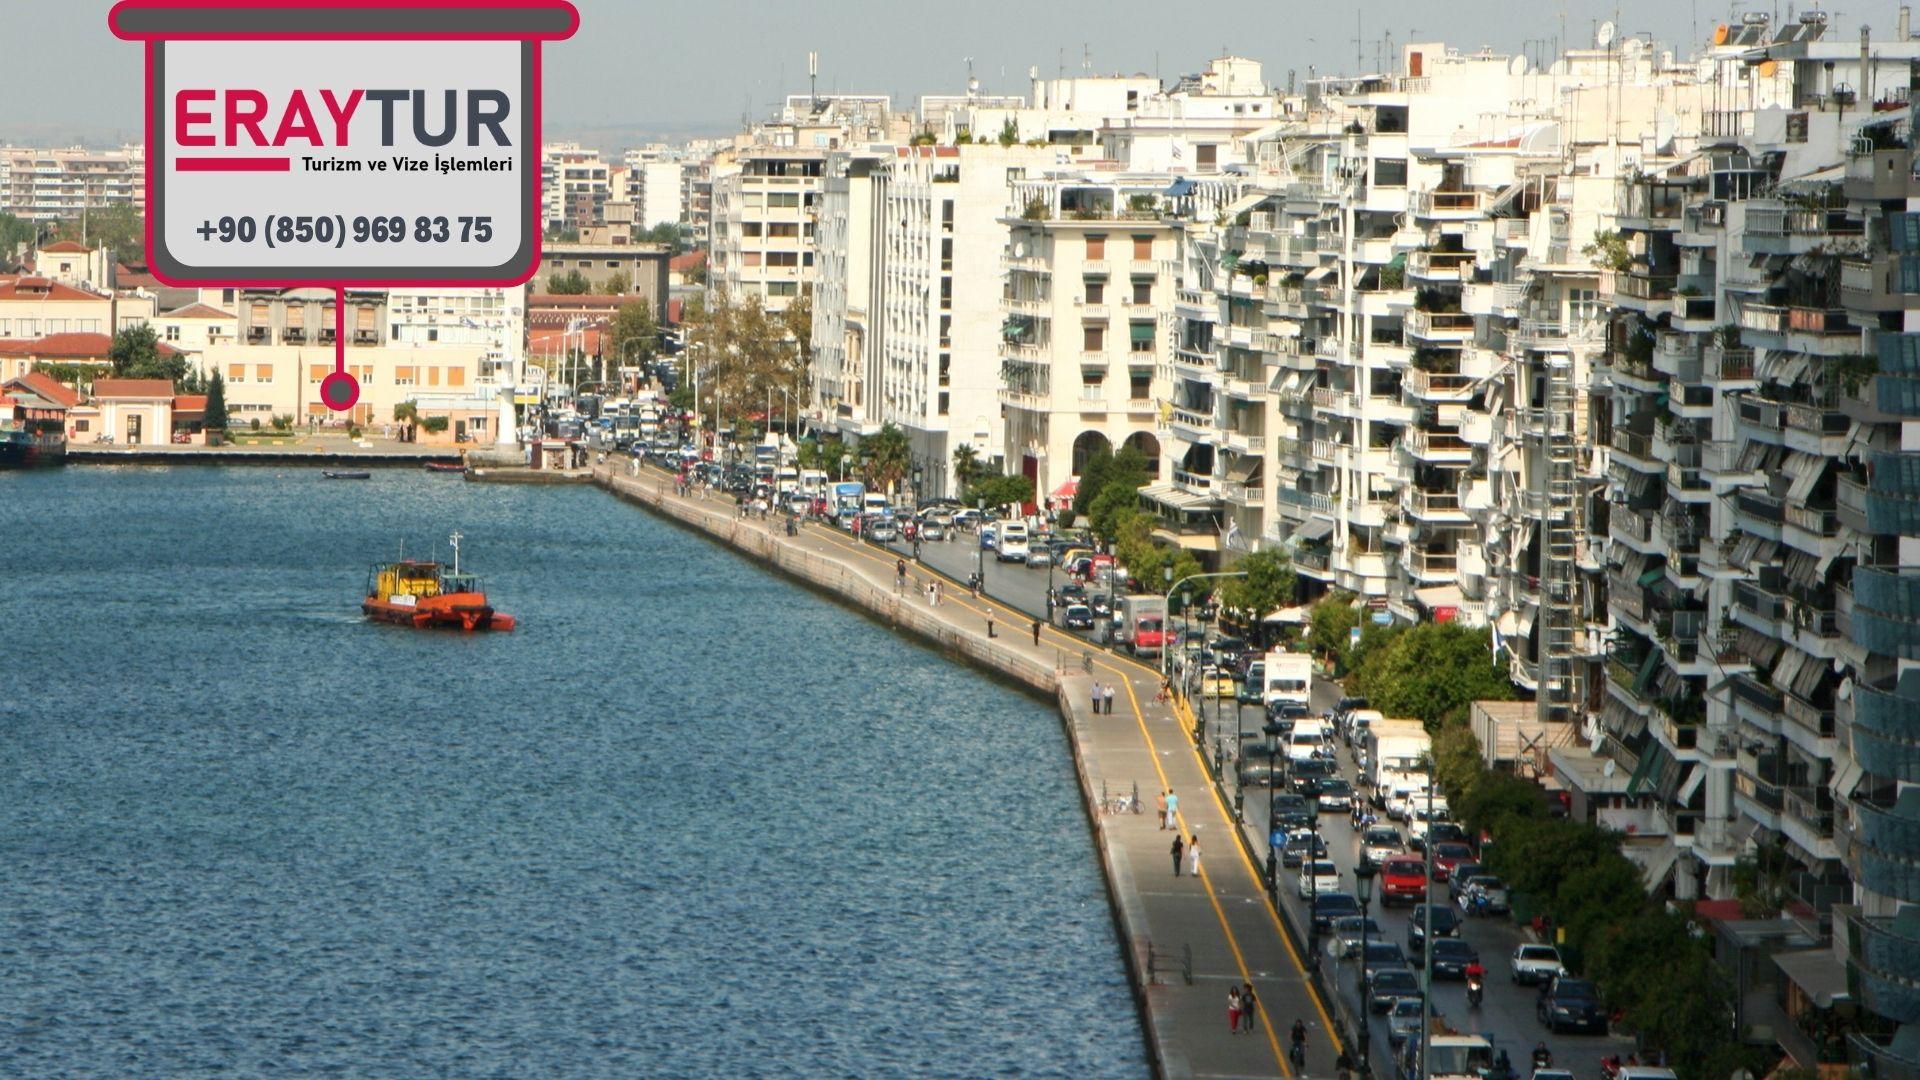 Yunanistan Turistik Vize Dilekçe Örneği